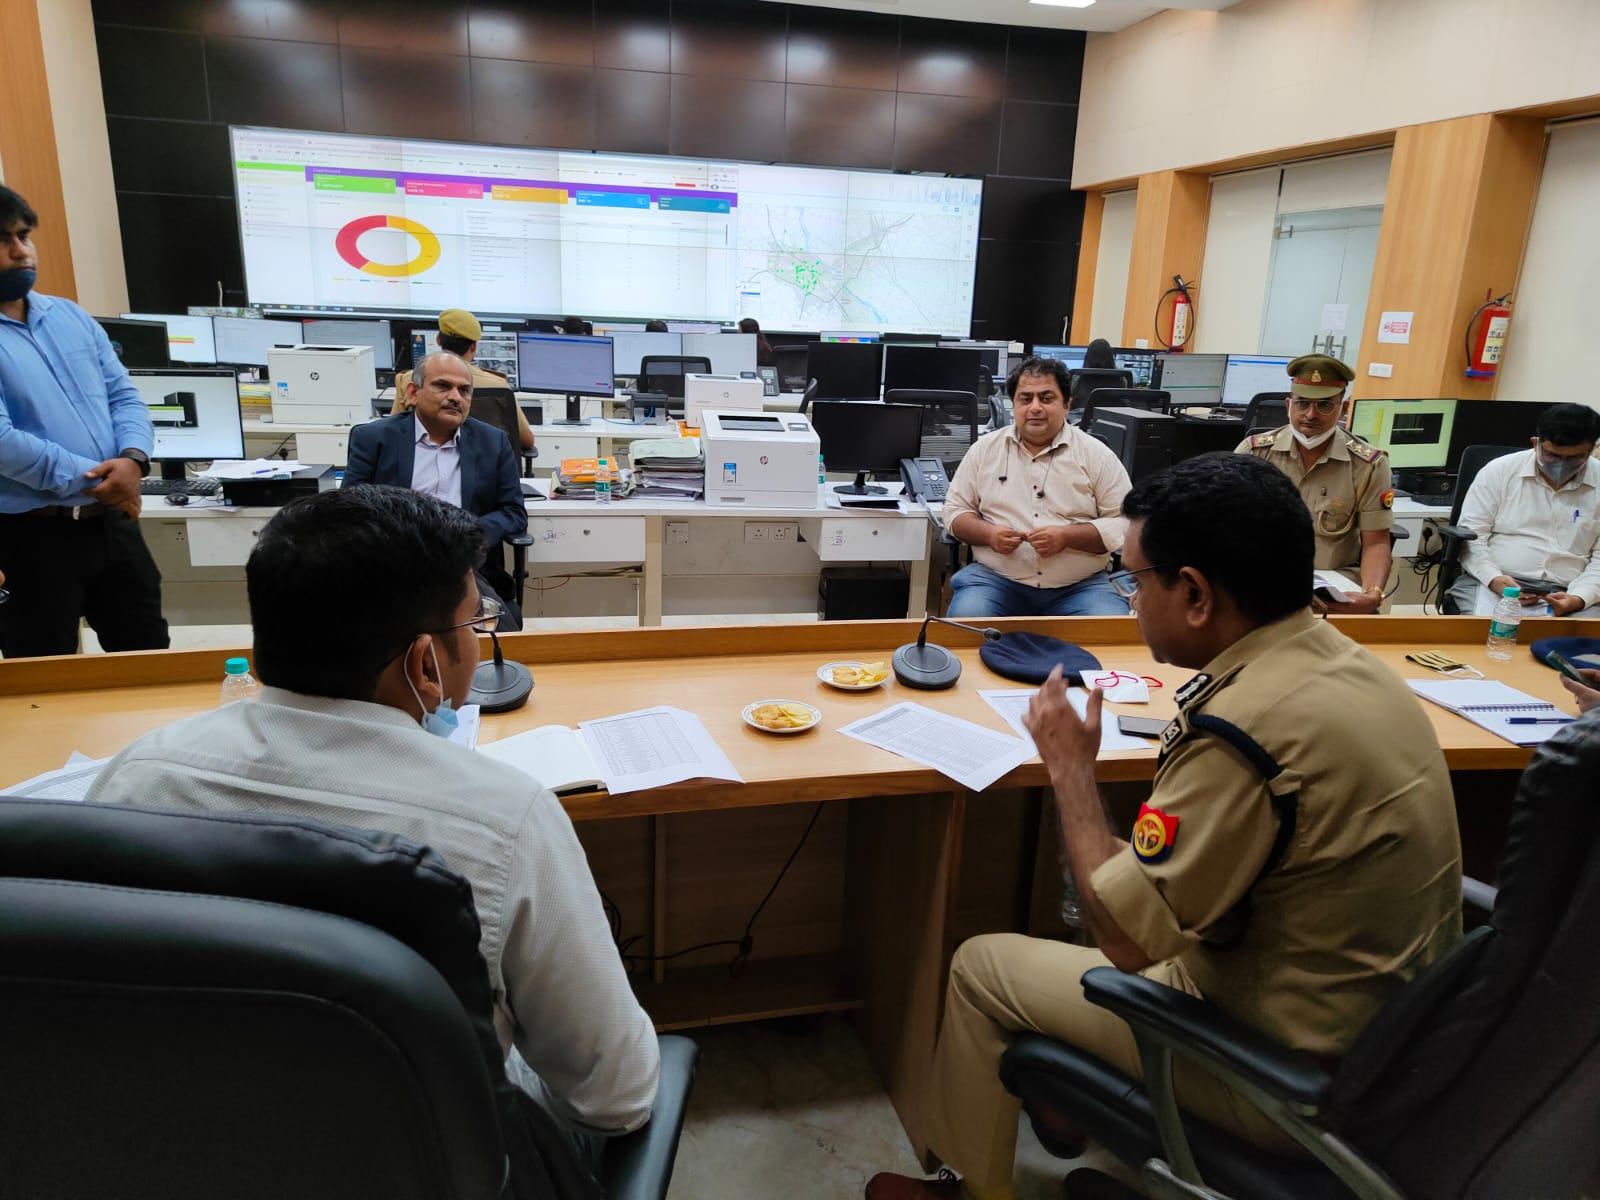 ट्रैफिक ज्यादा होने पर हेड काउंट करने के बाद ही होगा ग्रीन सिग्नल, 3 चौराहों पर लगेगा अडॉप्टिव कंट्रोल सिस्टम, नियम तोड़ने पर तुरंत होगा ई-चालान|कानपुर,Kanpur - Dainik Bhaskar